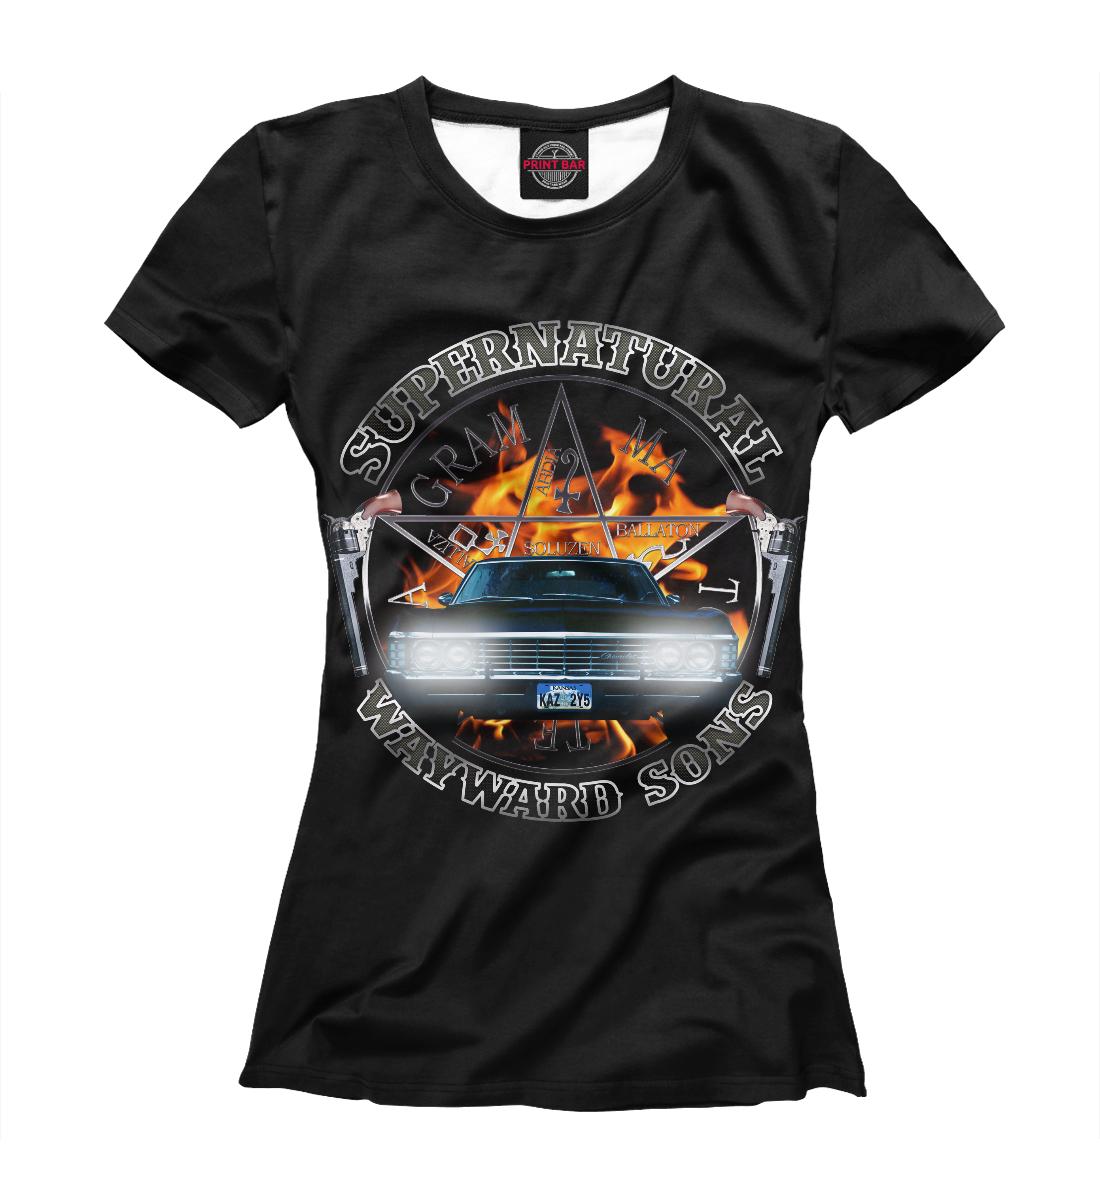 Купить Supernatural, Printbar, Футболки, SVE-381336-fut-1